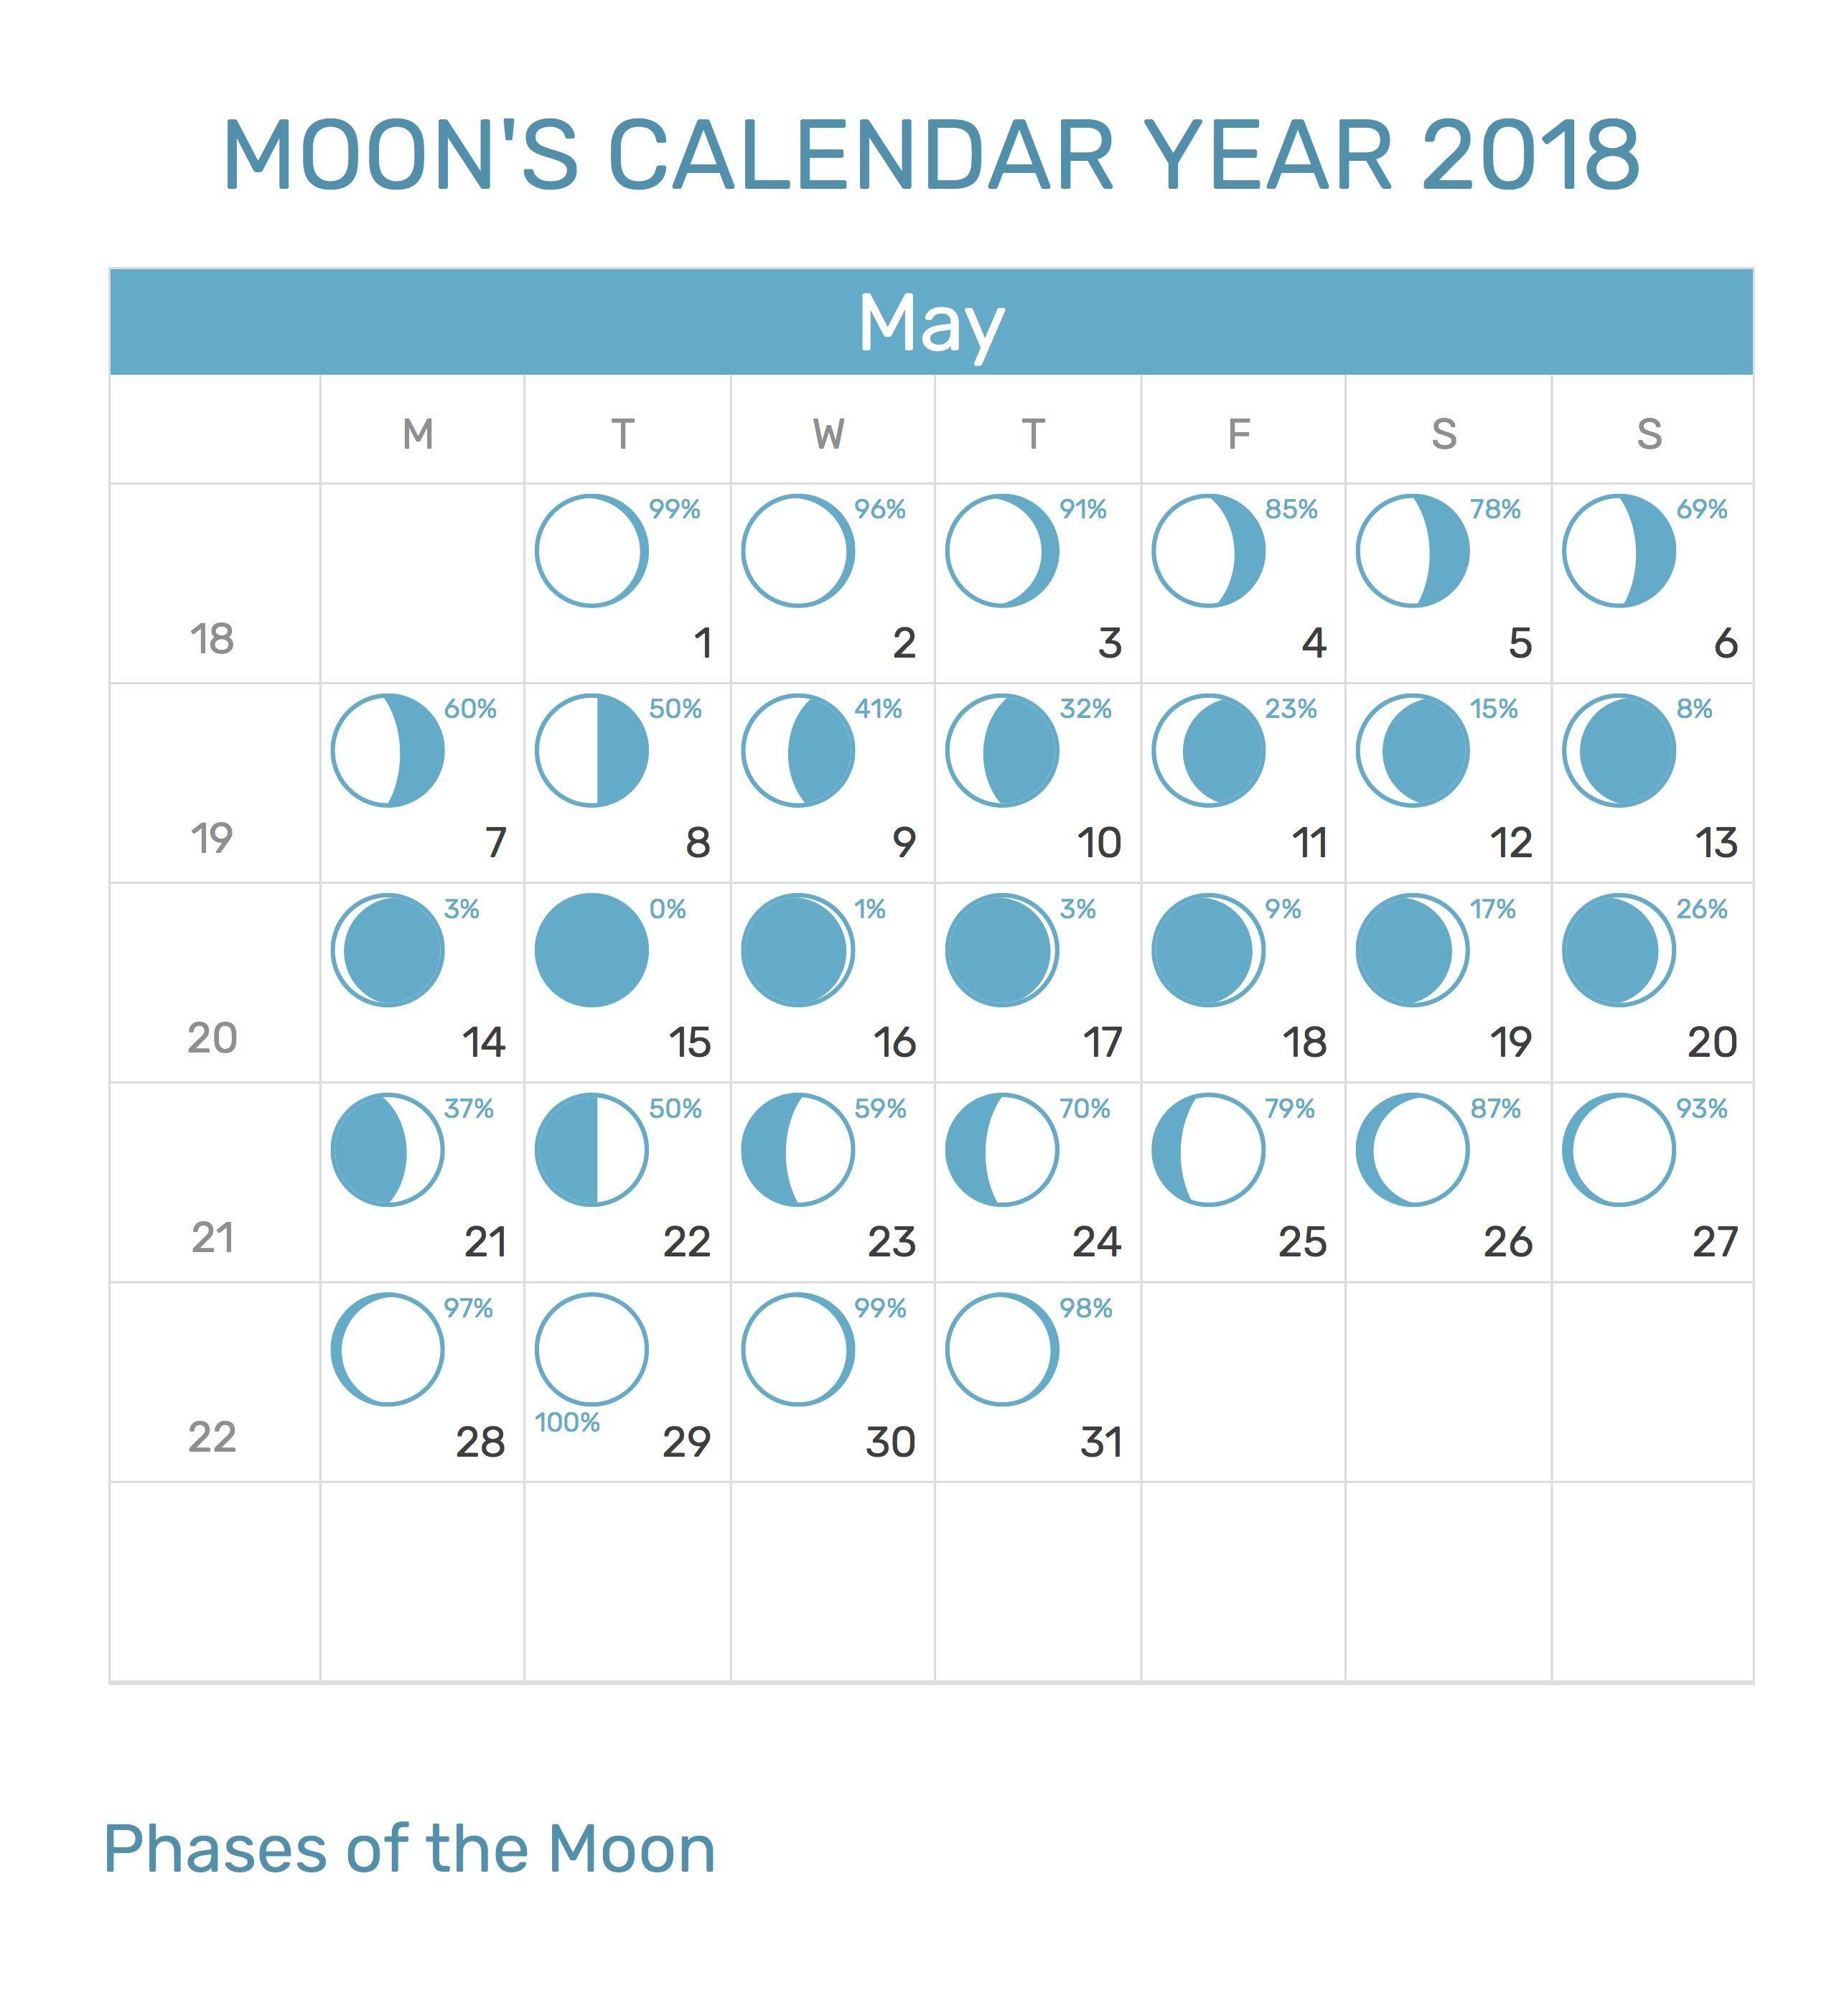 http://zhonggdjw.com/may 2018 moon printable calendar.html May